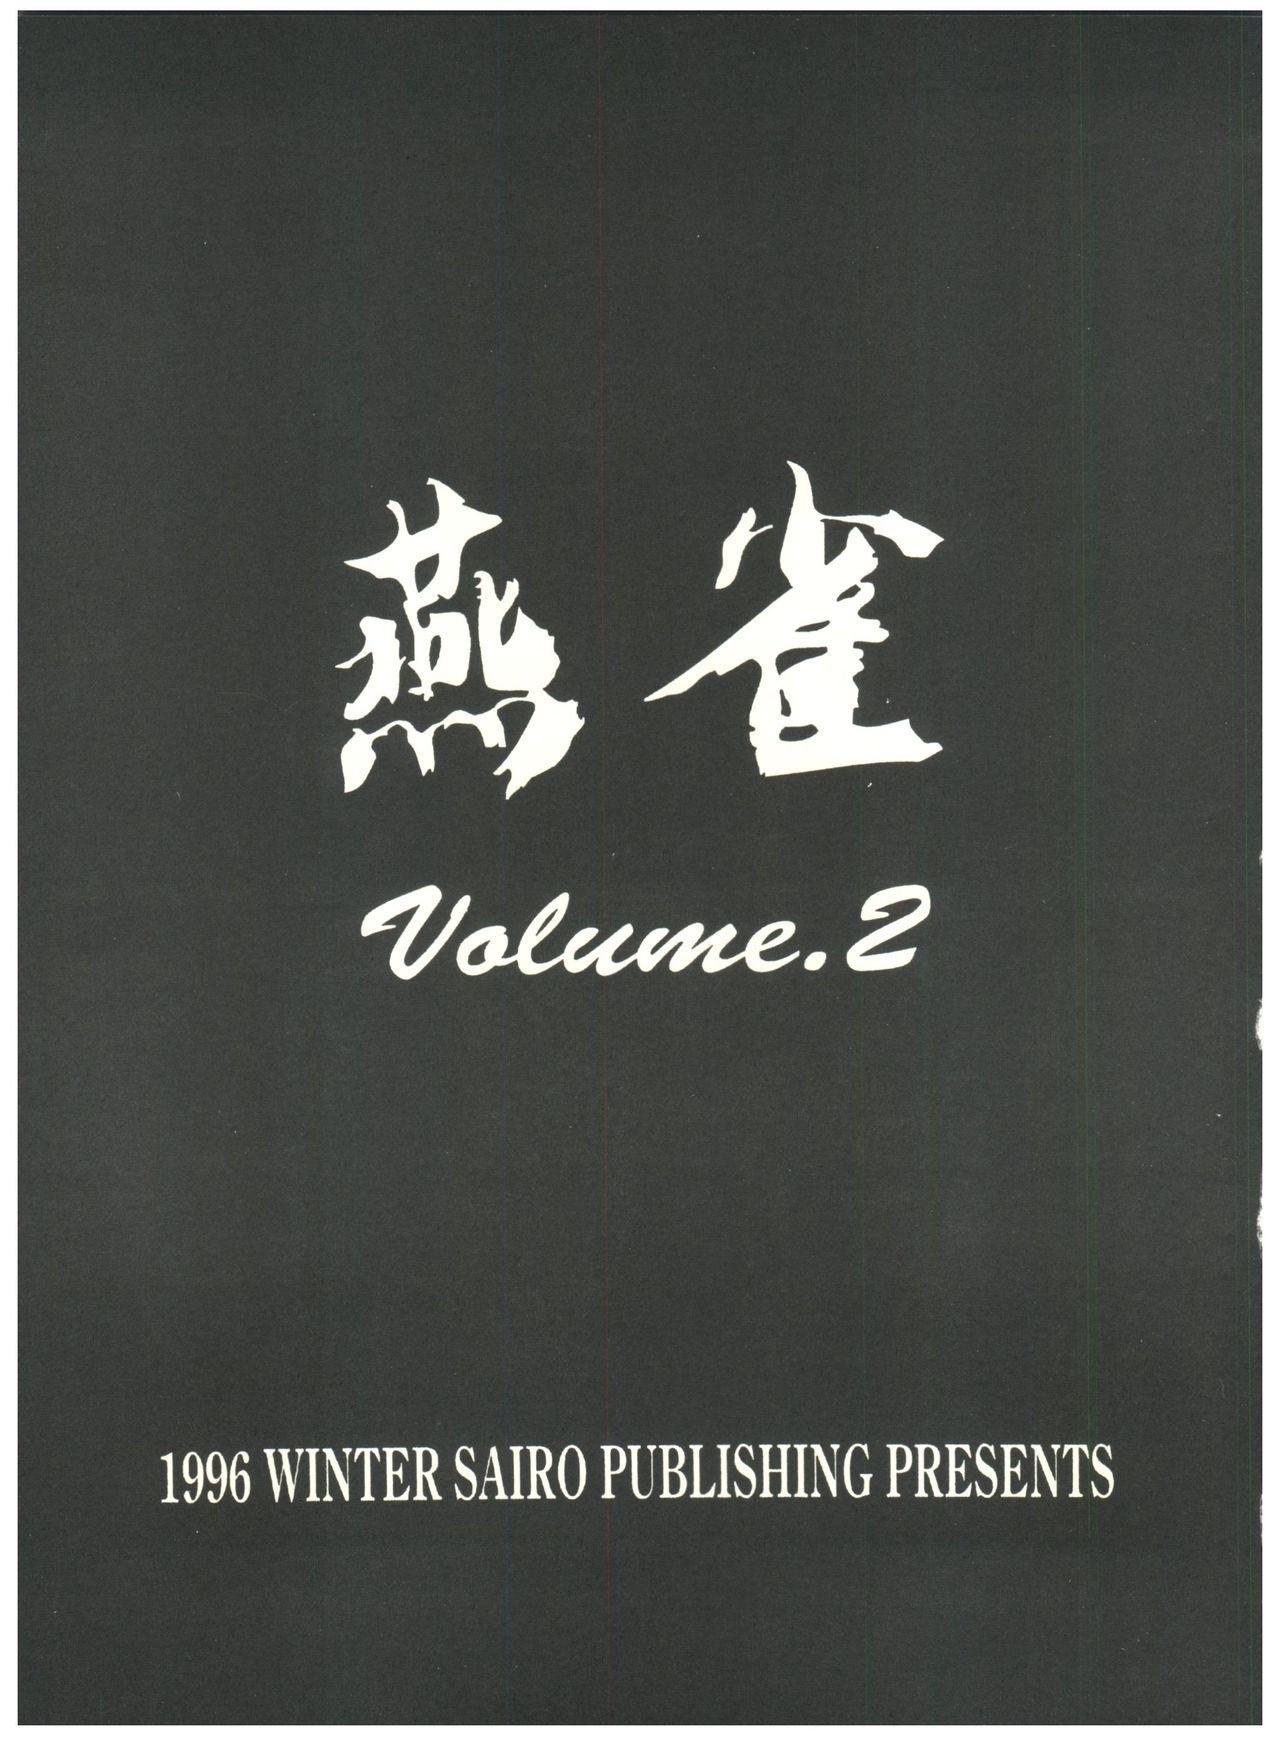 [Sairo Publishing (J. Sairo) En-Jack 2 (Various) 2